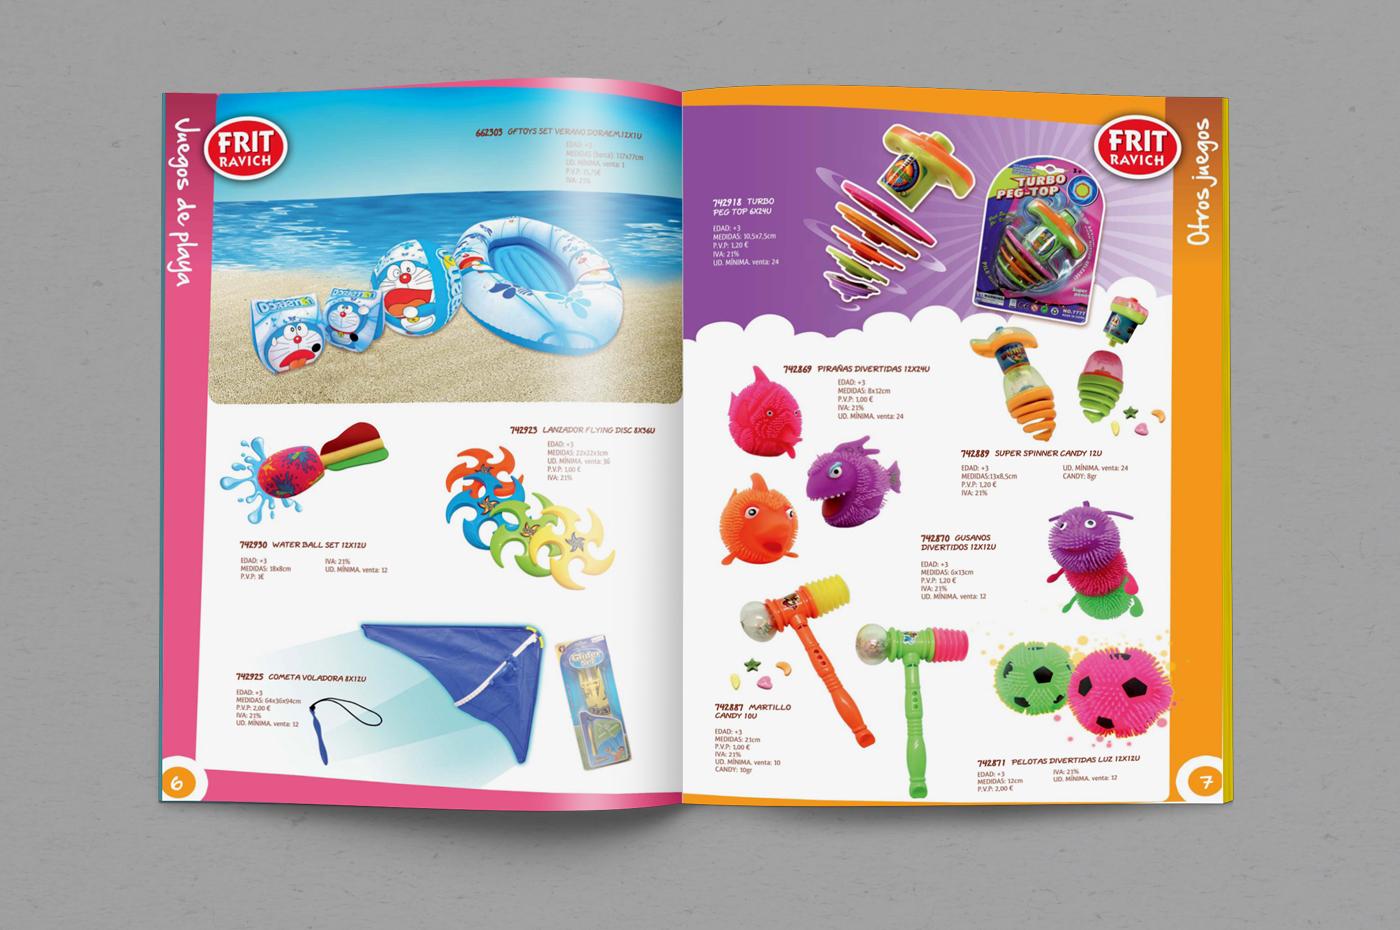 Frit Ravich catalogo verano interior 2